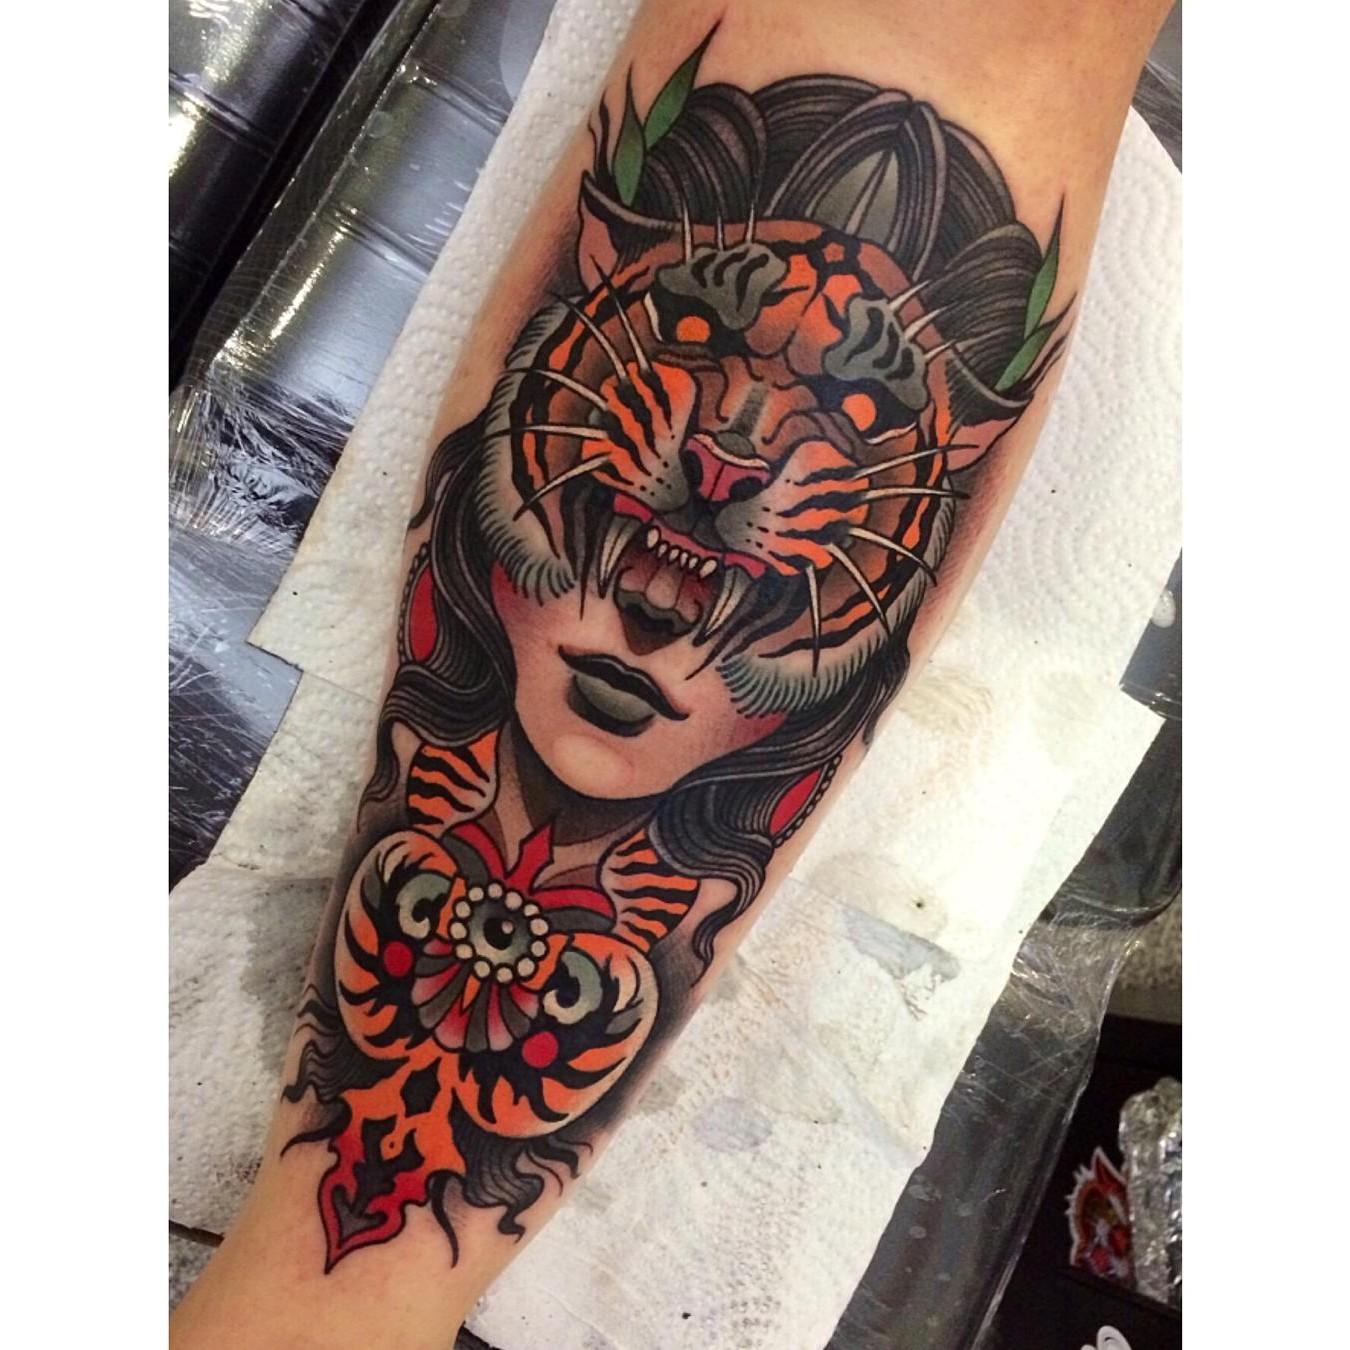 Johnny Domus Tattoo- Find The Best Tattoo Artists